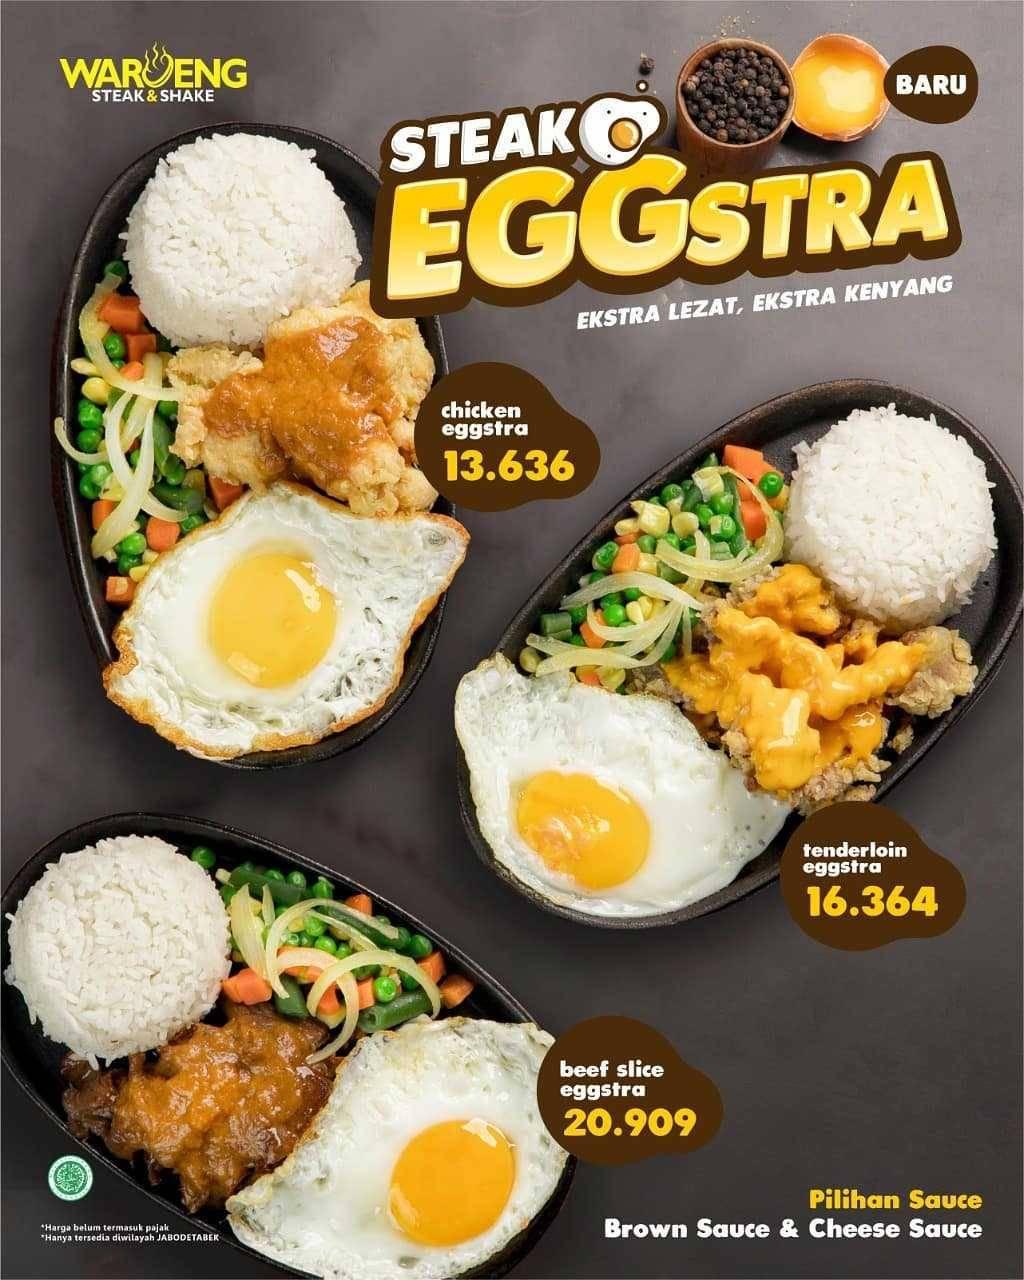 Promo diskon Waroeng Steak Promo Eggstra Untung Diskon 50%